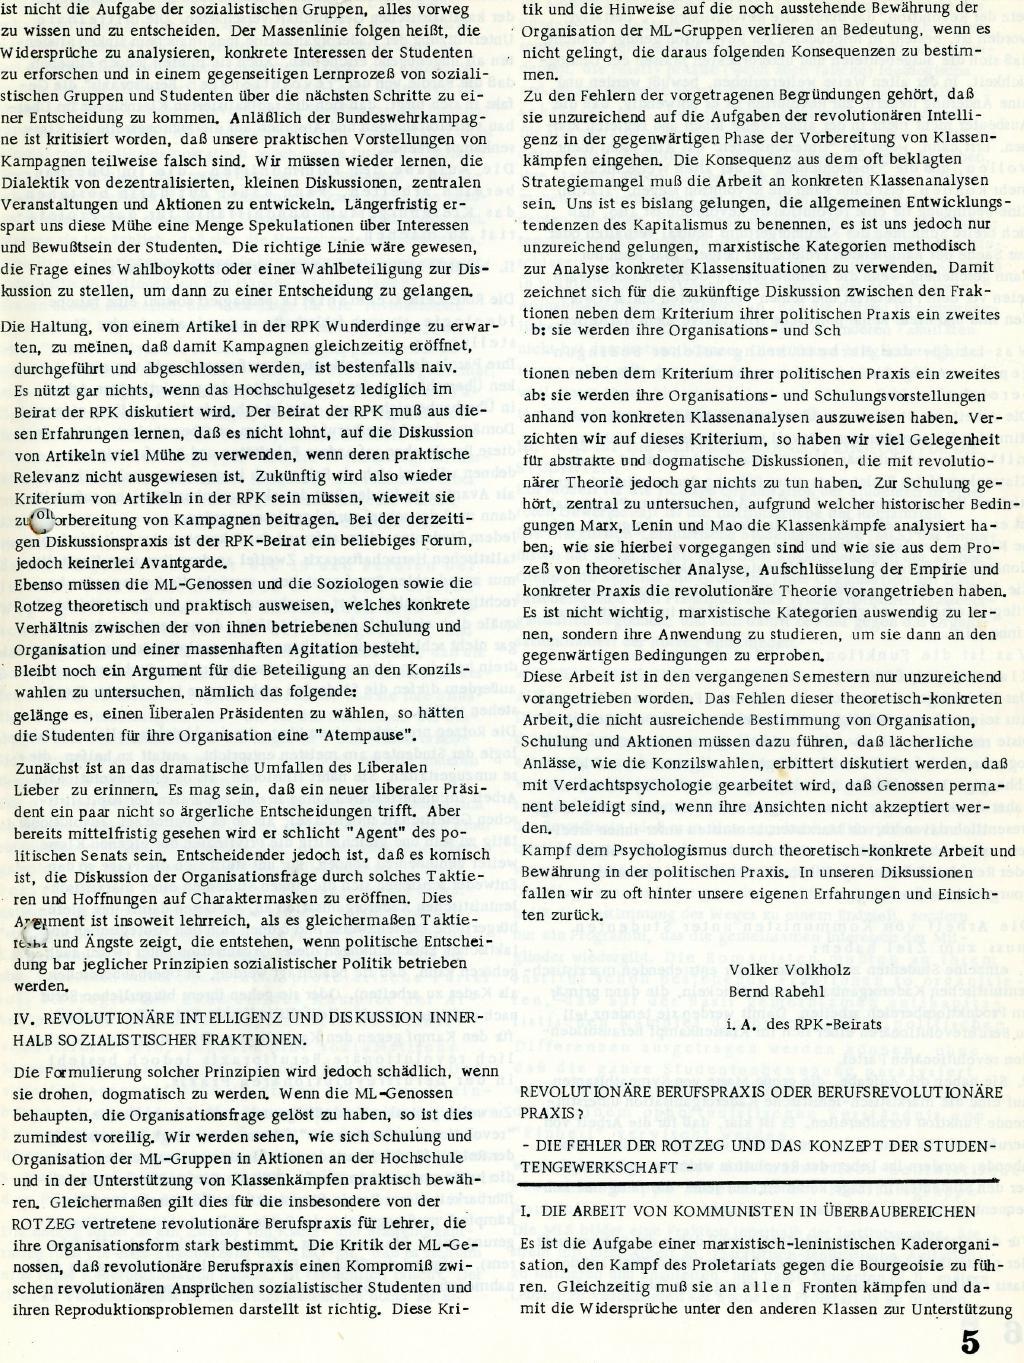 RPK_1969_037_05